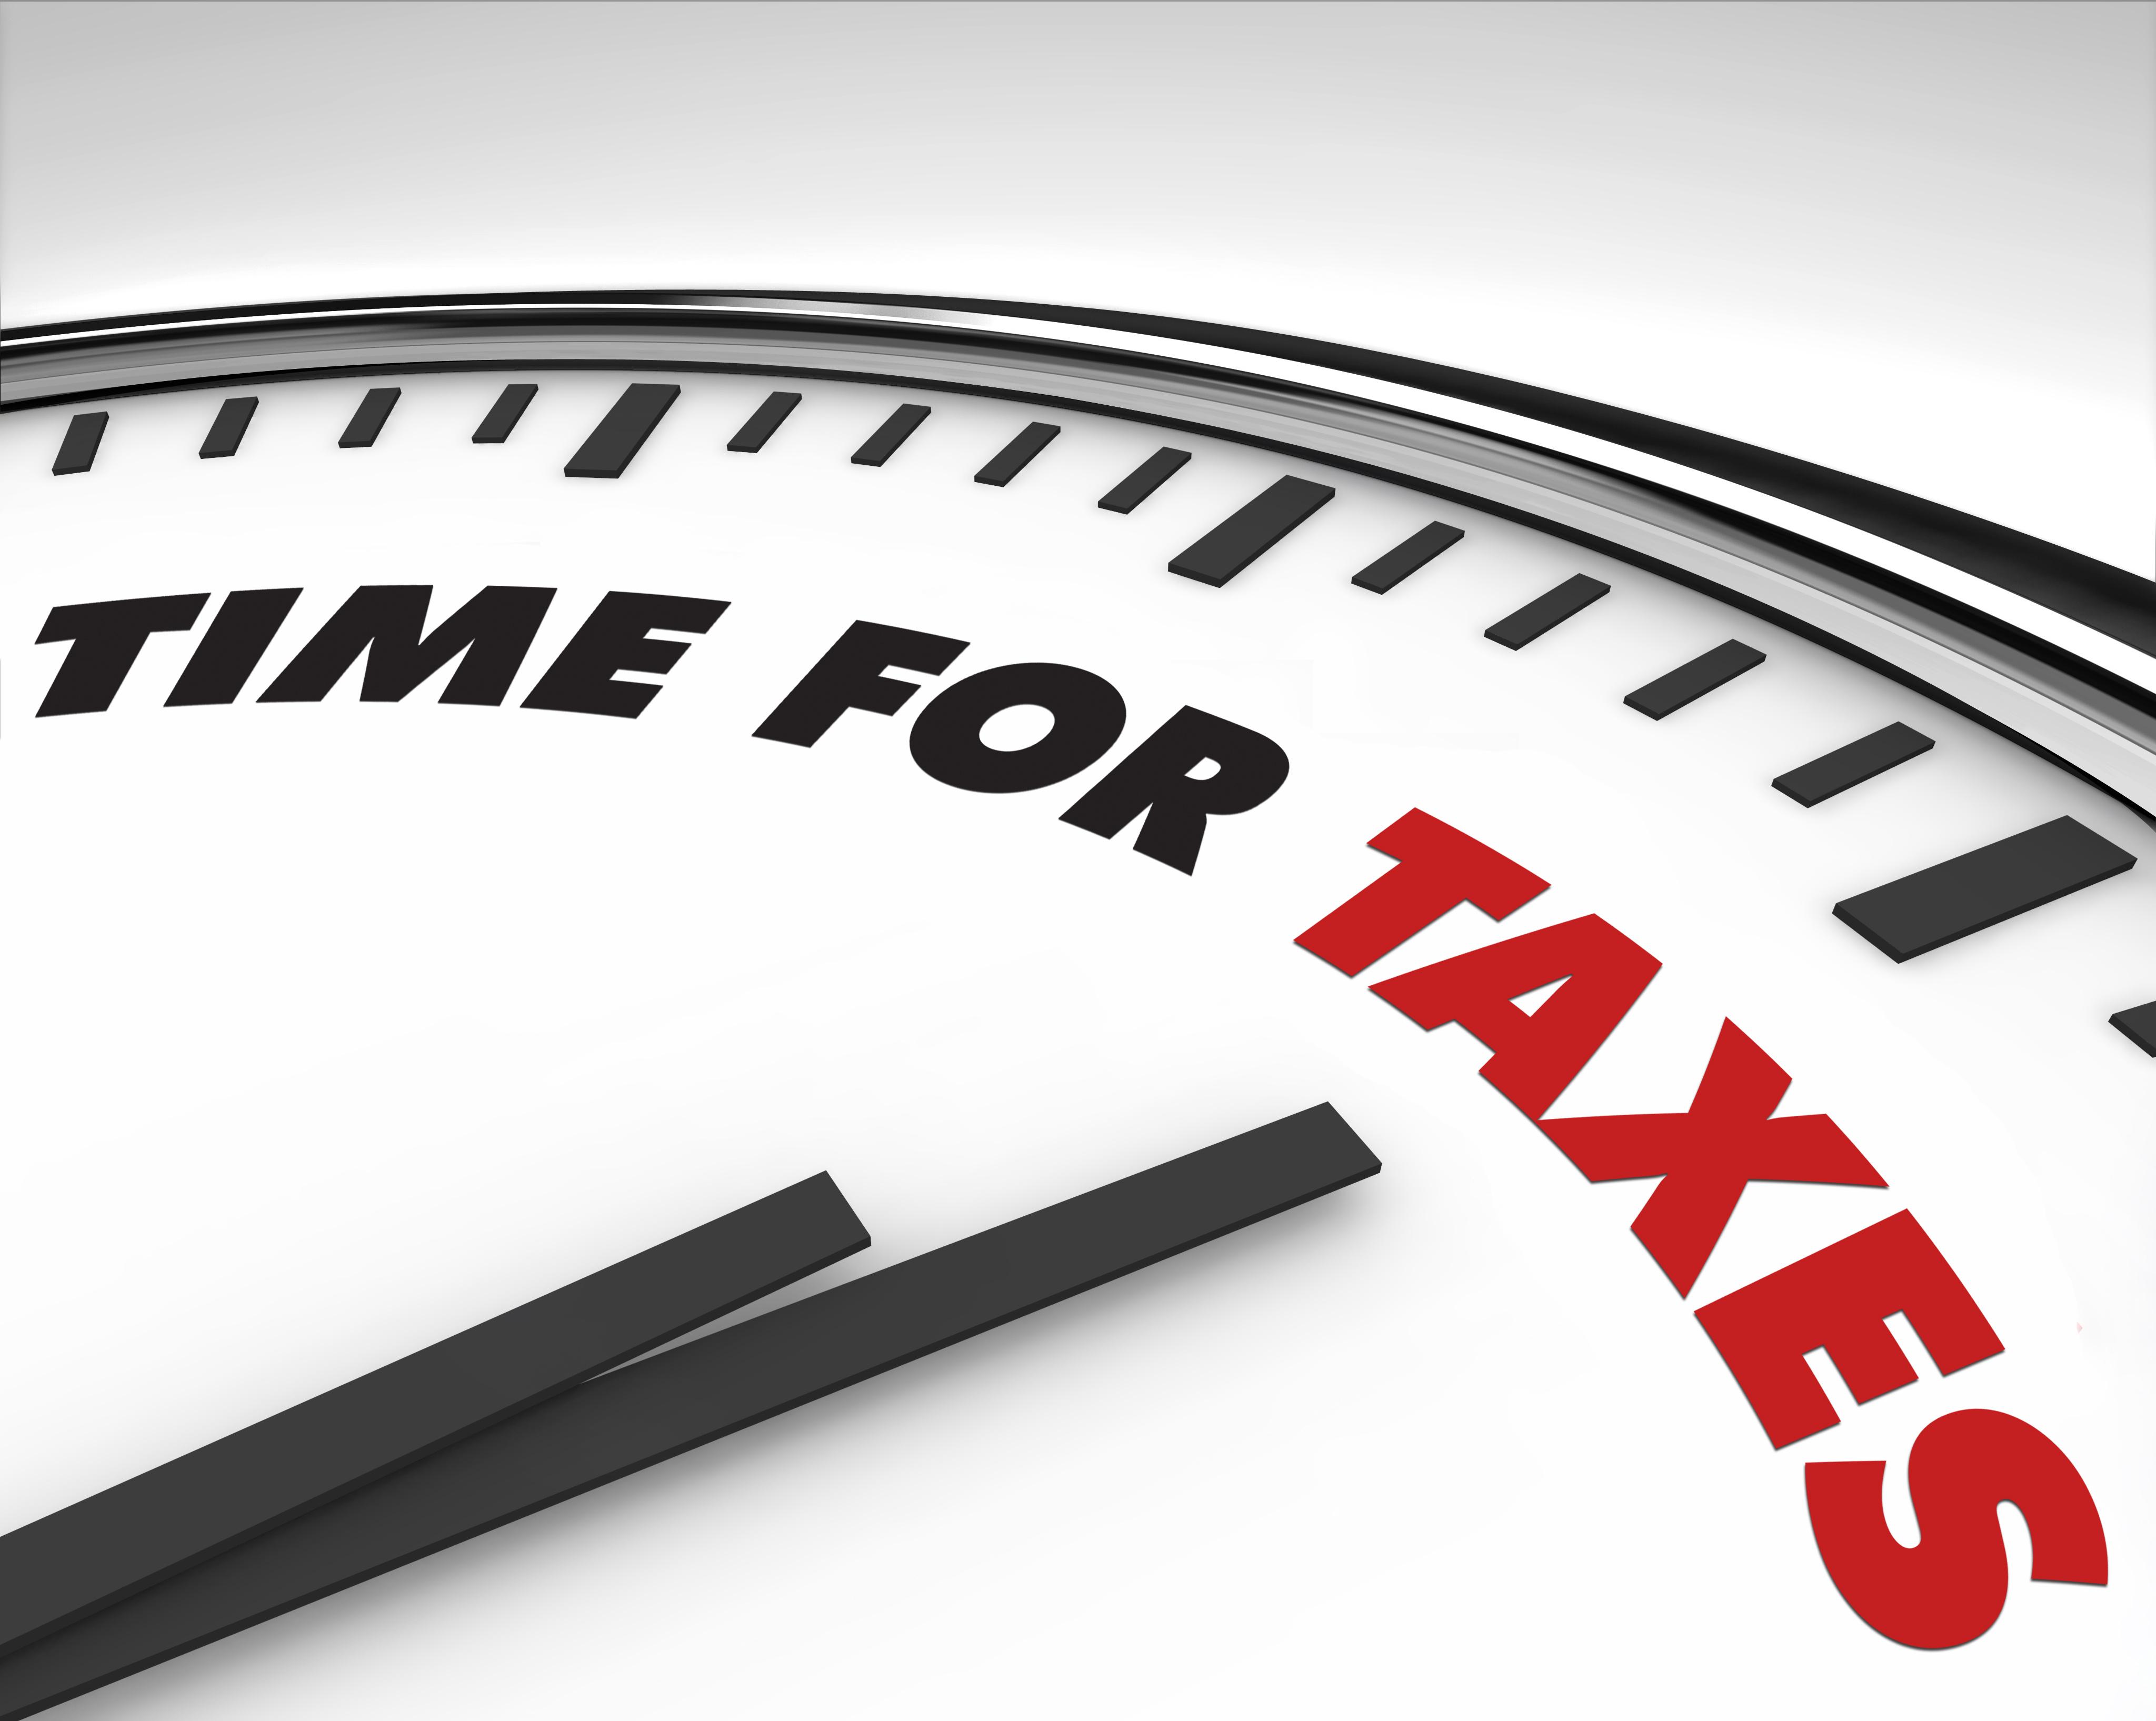 Вам на заметку: даты, связанные с подачей налоговых деклараций